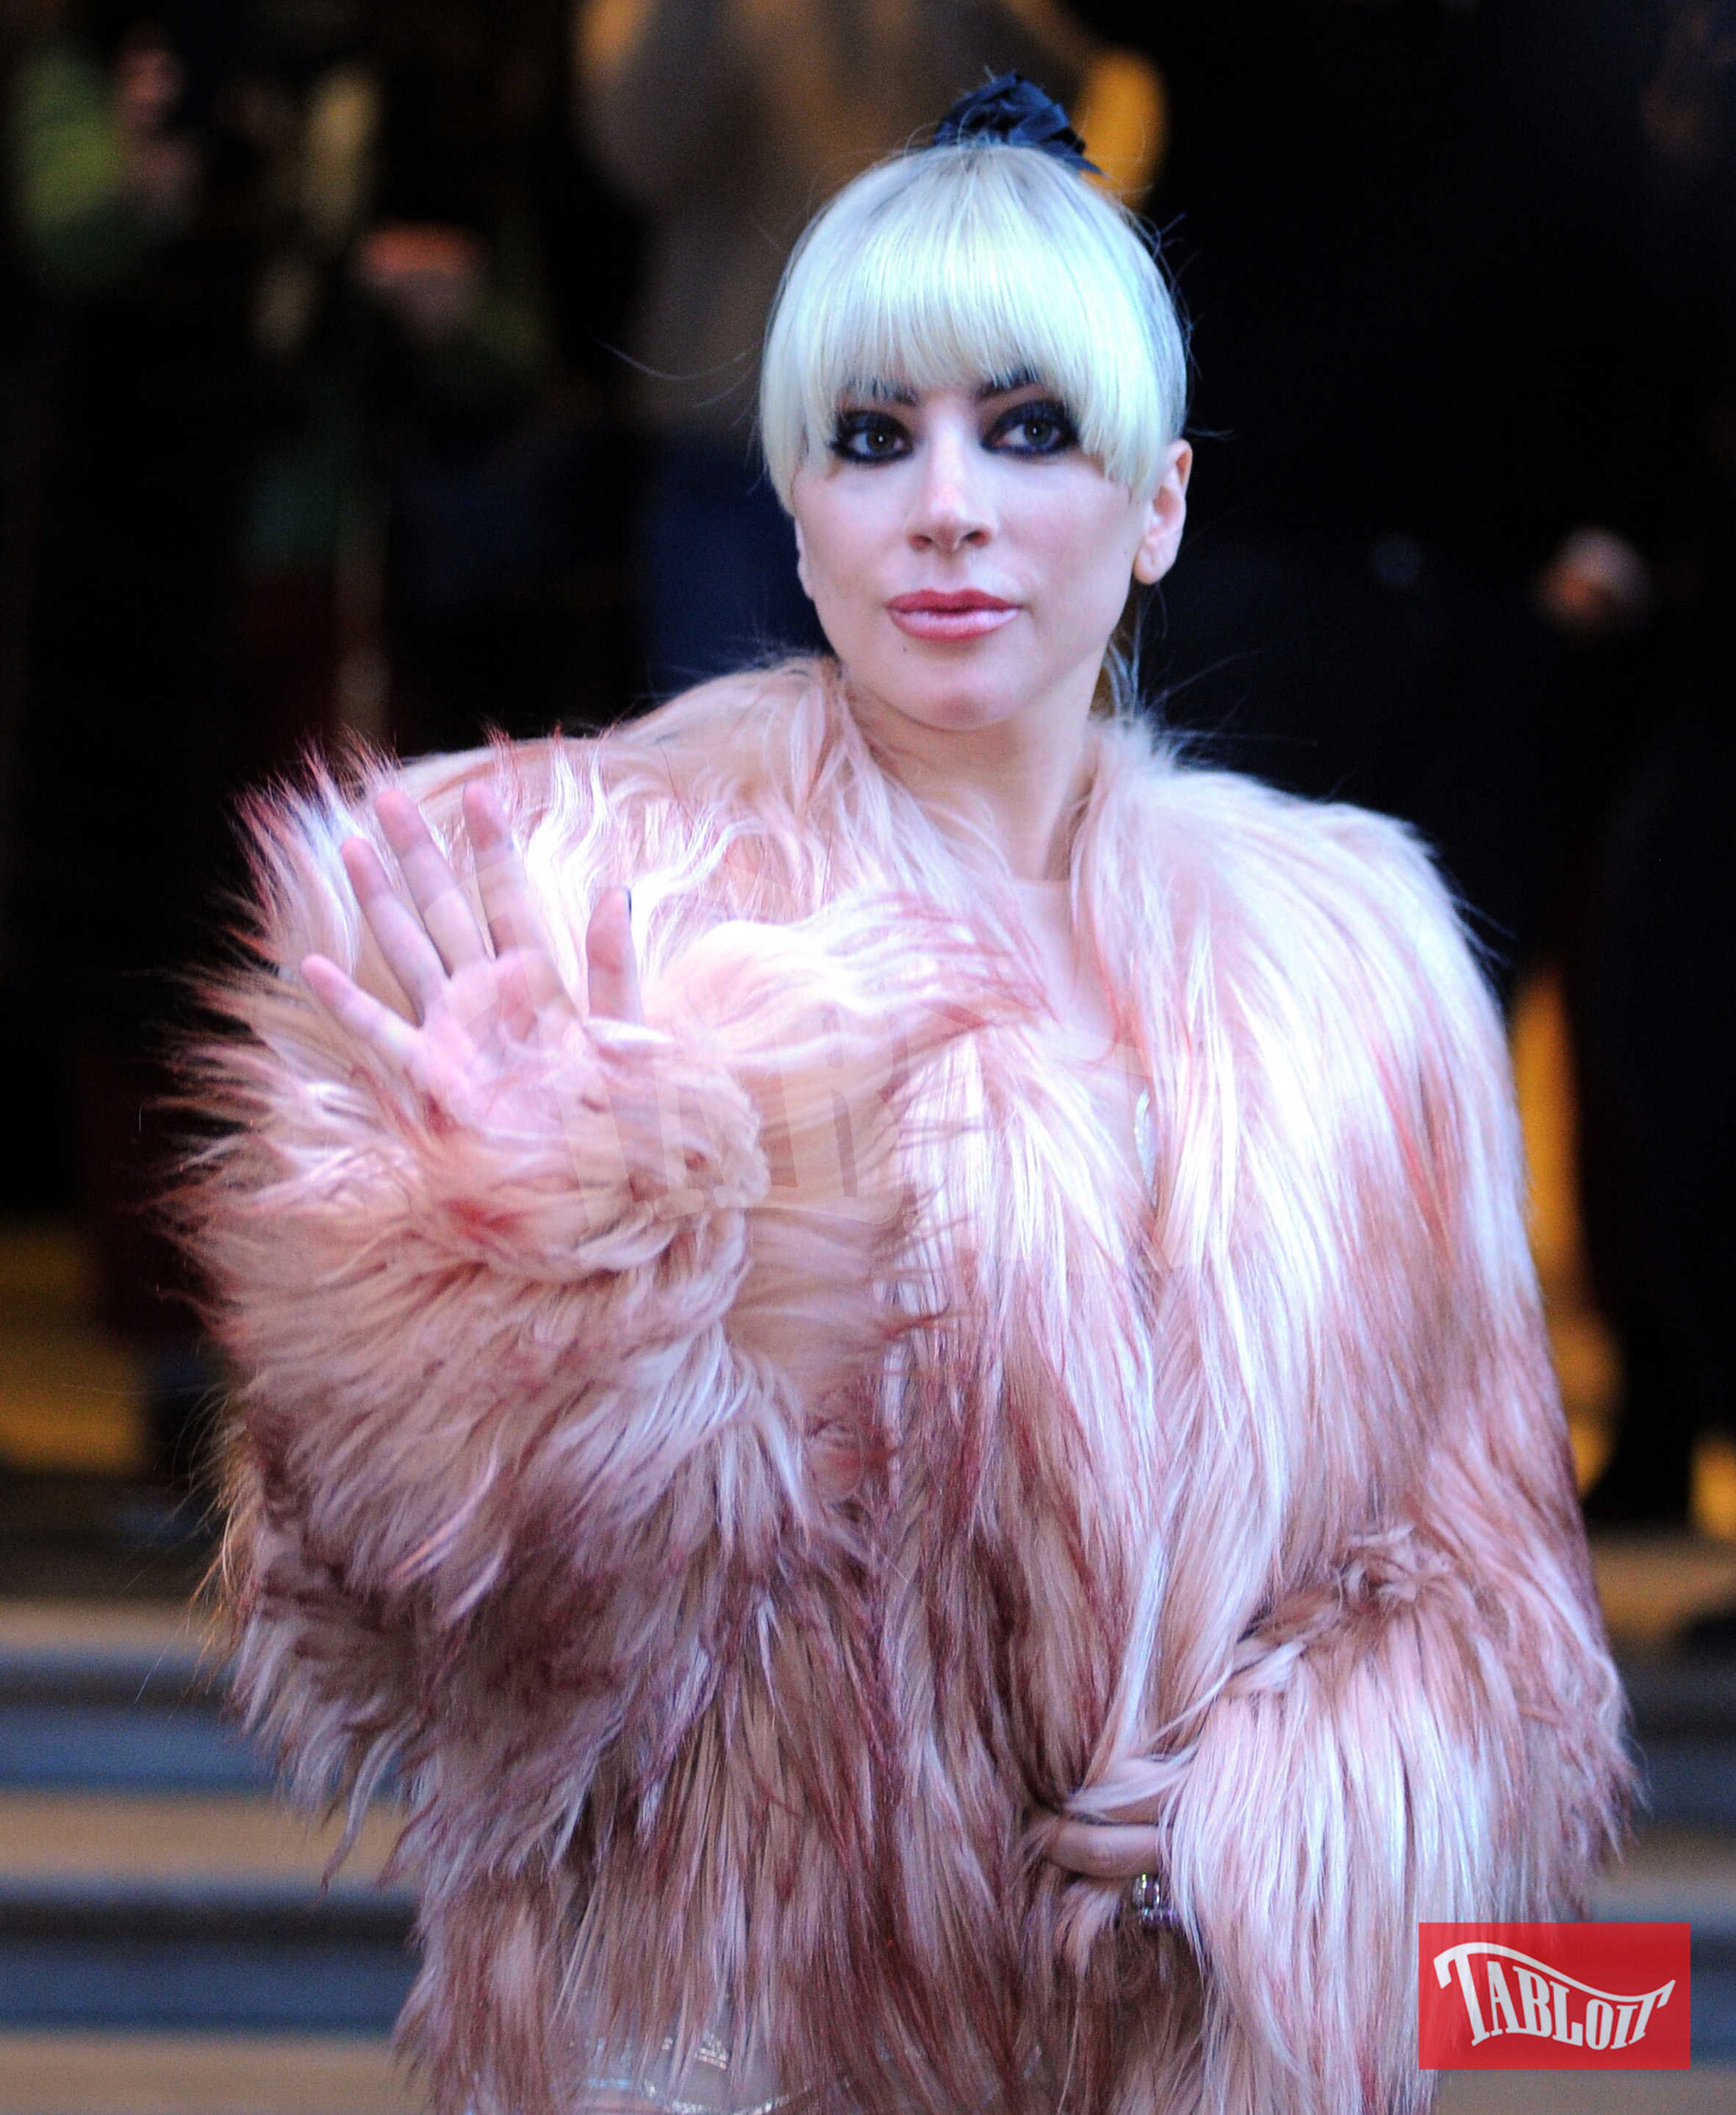 Lady Gaga all'uscita di Palazzo Parigi prima del concerto con un total look Francesco Scognamiglio. Una pelliccia corta sopra un long dress in voile di seta e impreziosito da ricami e applicazioni luminosi sui fianchi